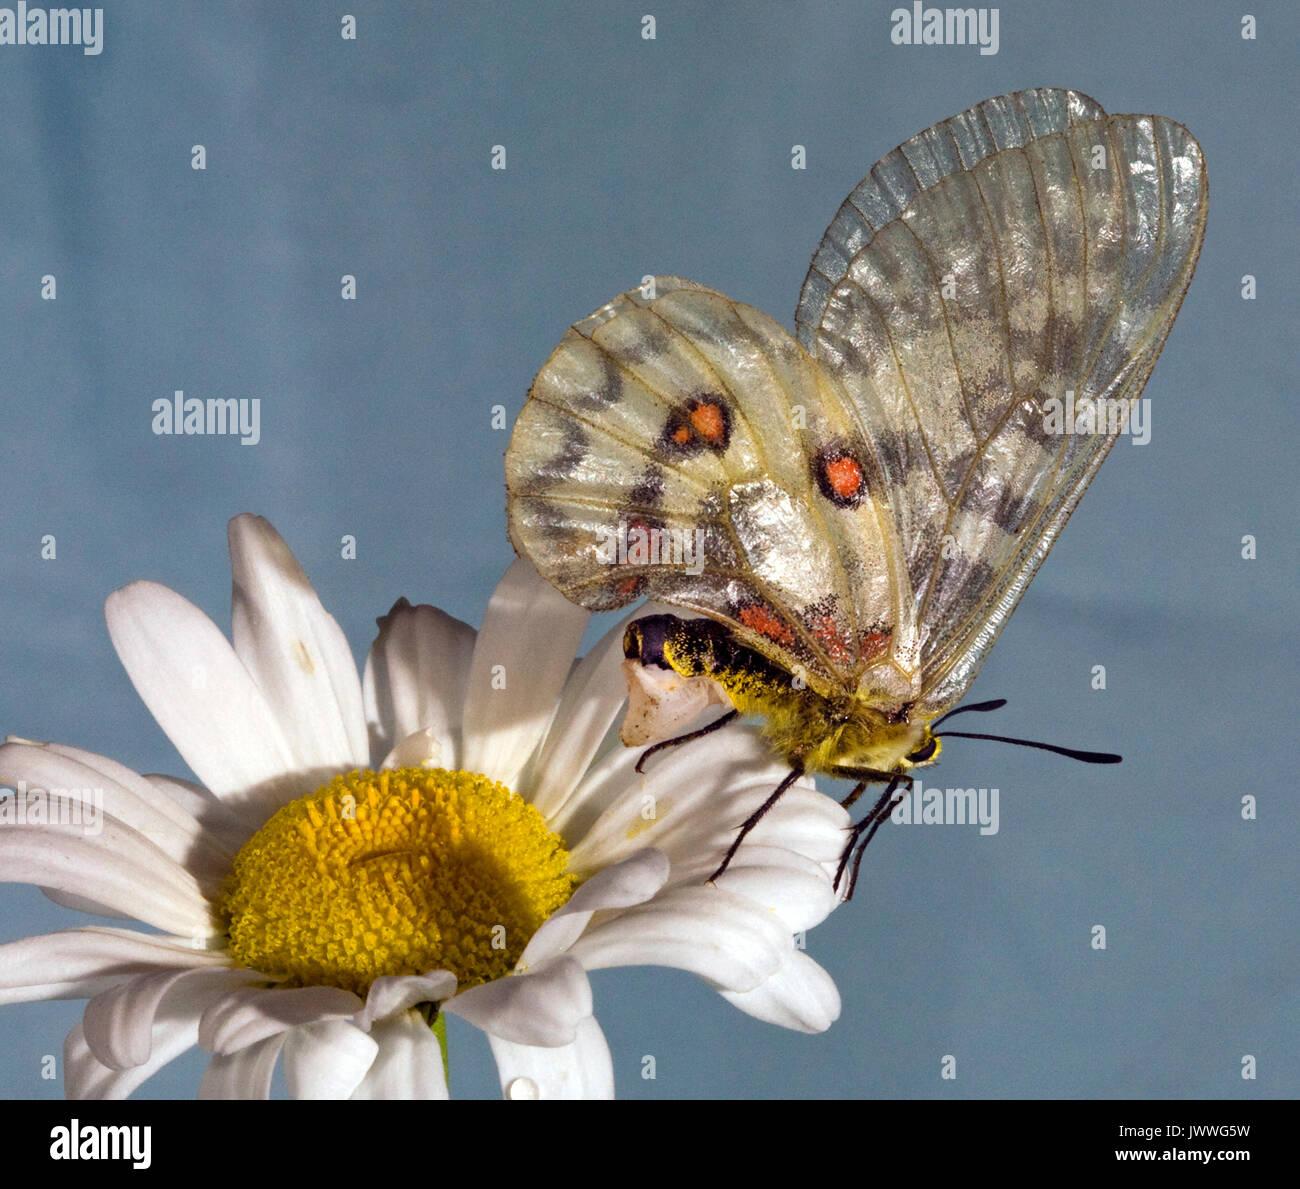 Una femmina Clodius Parnassian butterfly di appoggio su di una margherita occhio di bue. La struttura biancastra sul suo addome è un sphragis, una spina di accoppiamento depositato sul suo g Immagini Stock